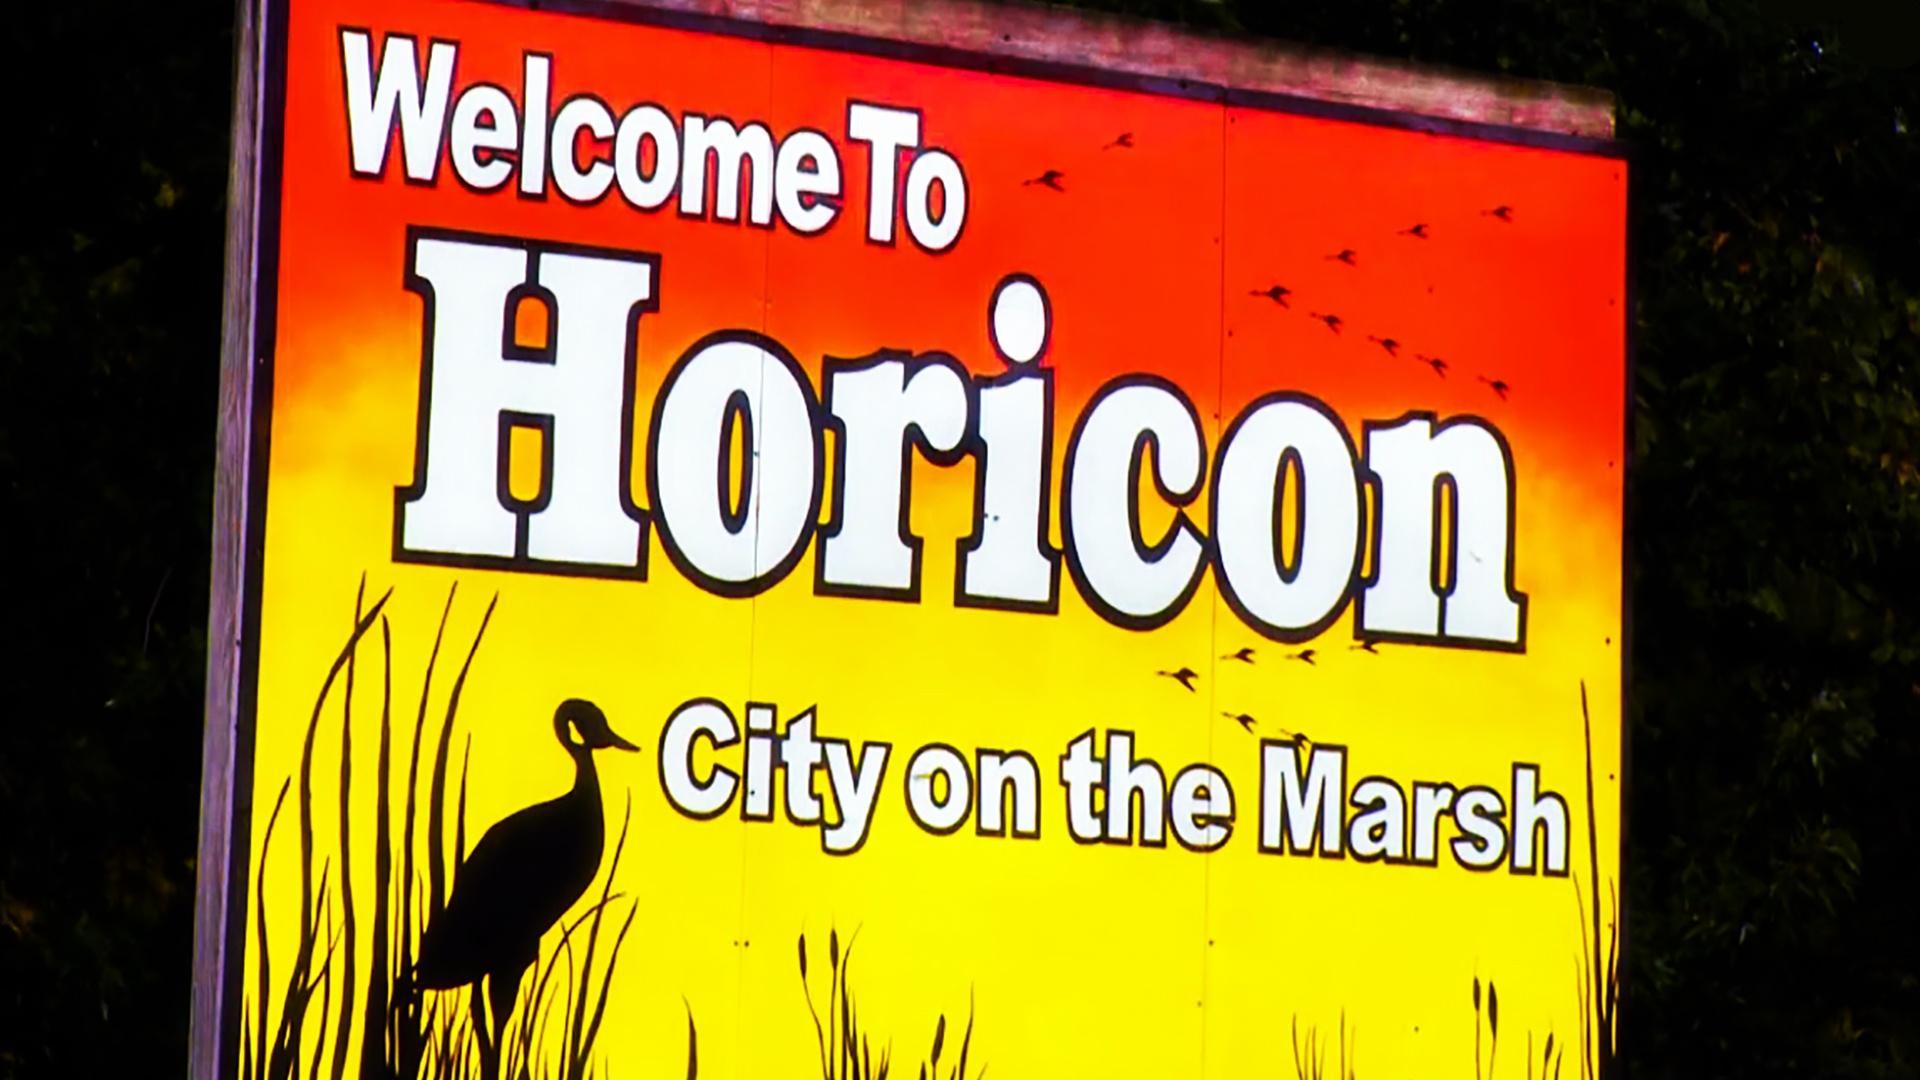 Horicon 611